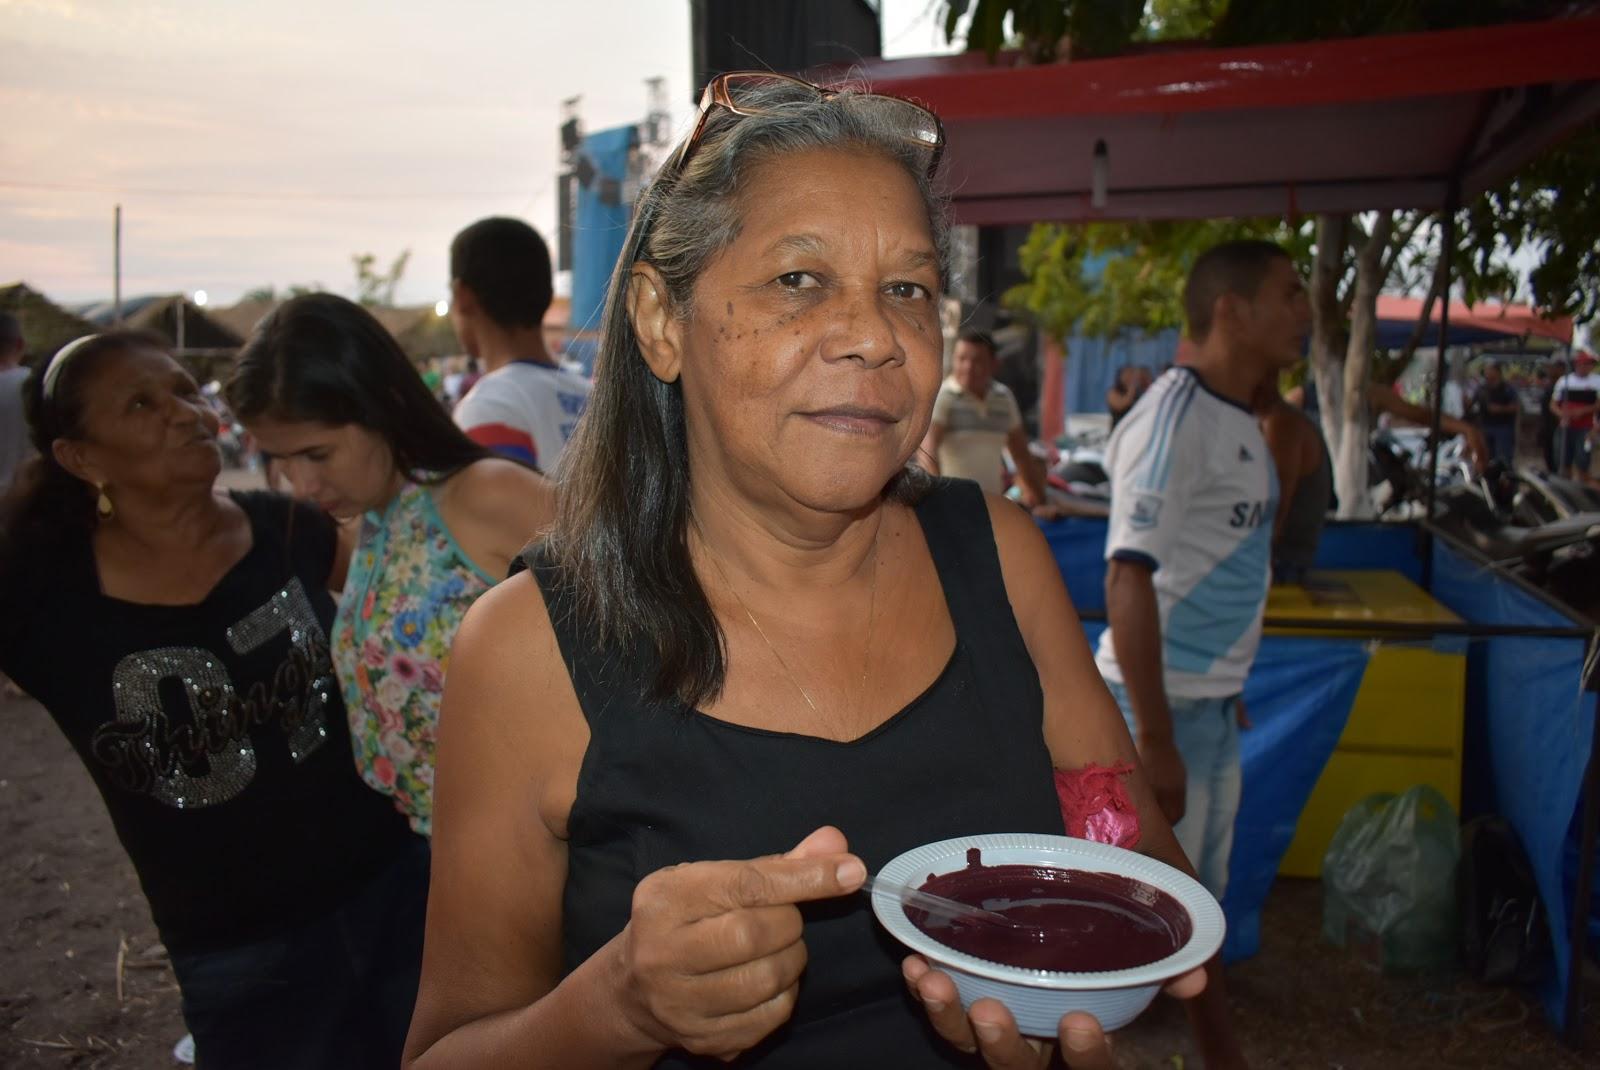 Cultura viva: Festival do Açaí de Junco do Maranhão entra para o calendário cultural da região Alto Turi